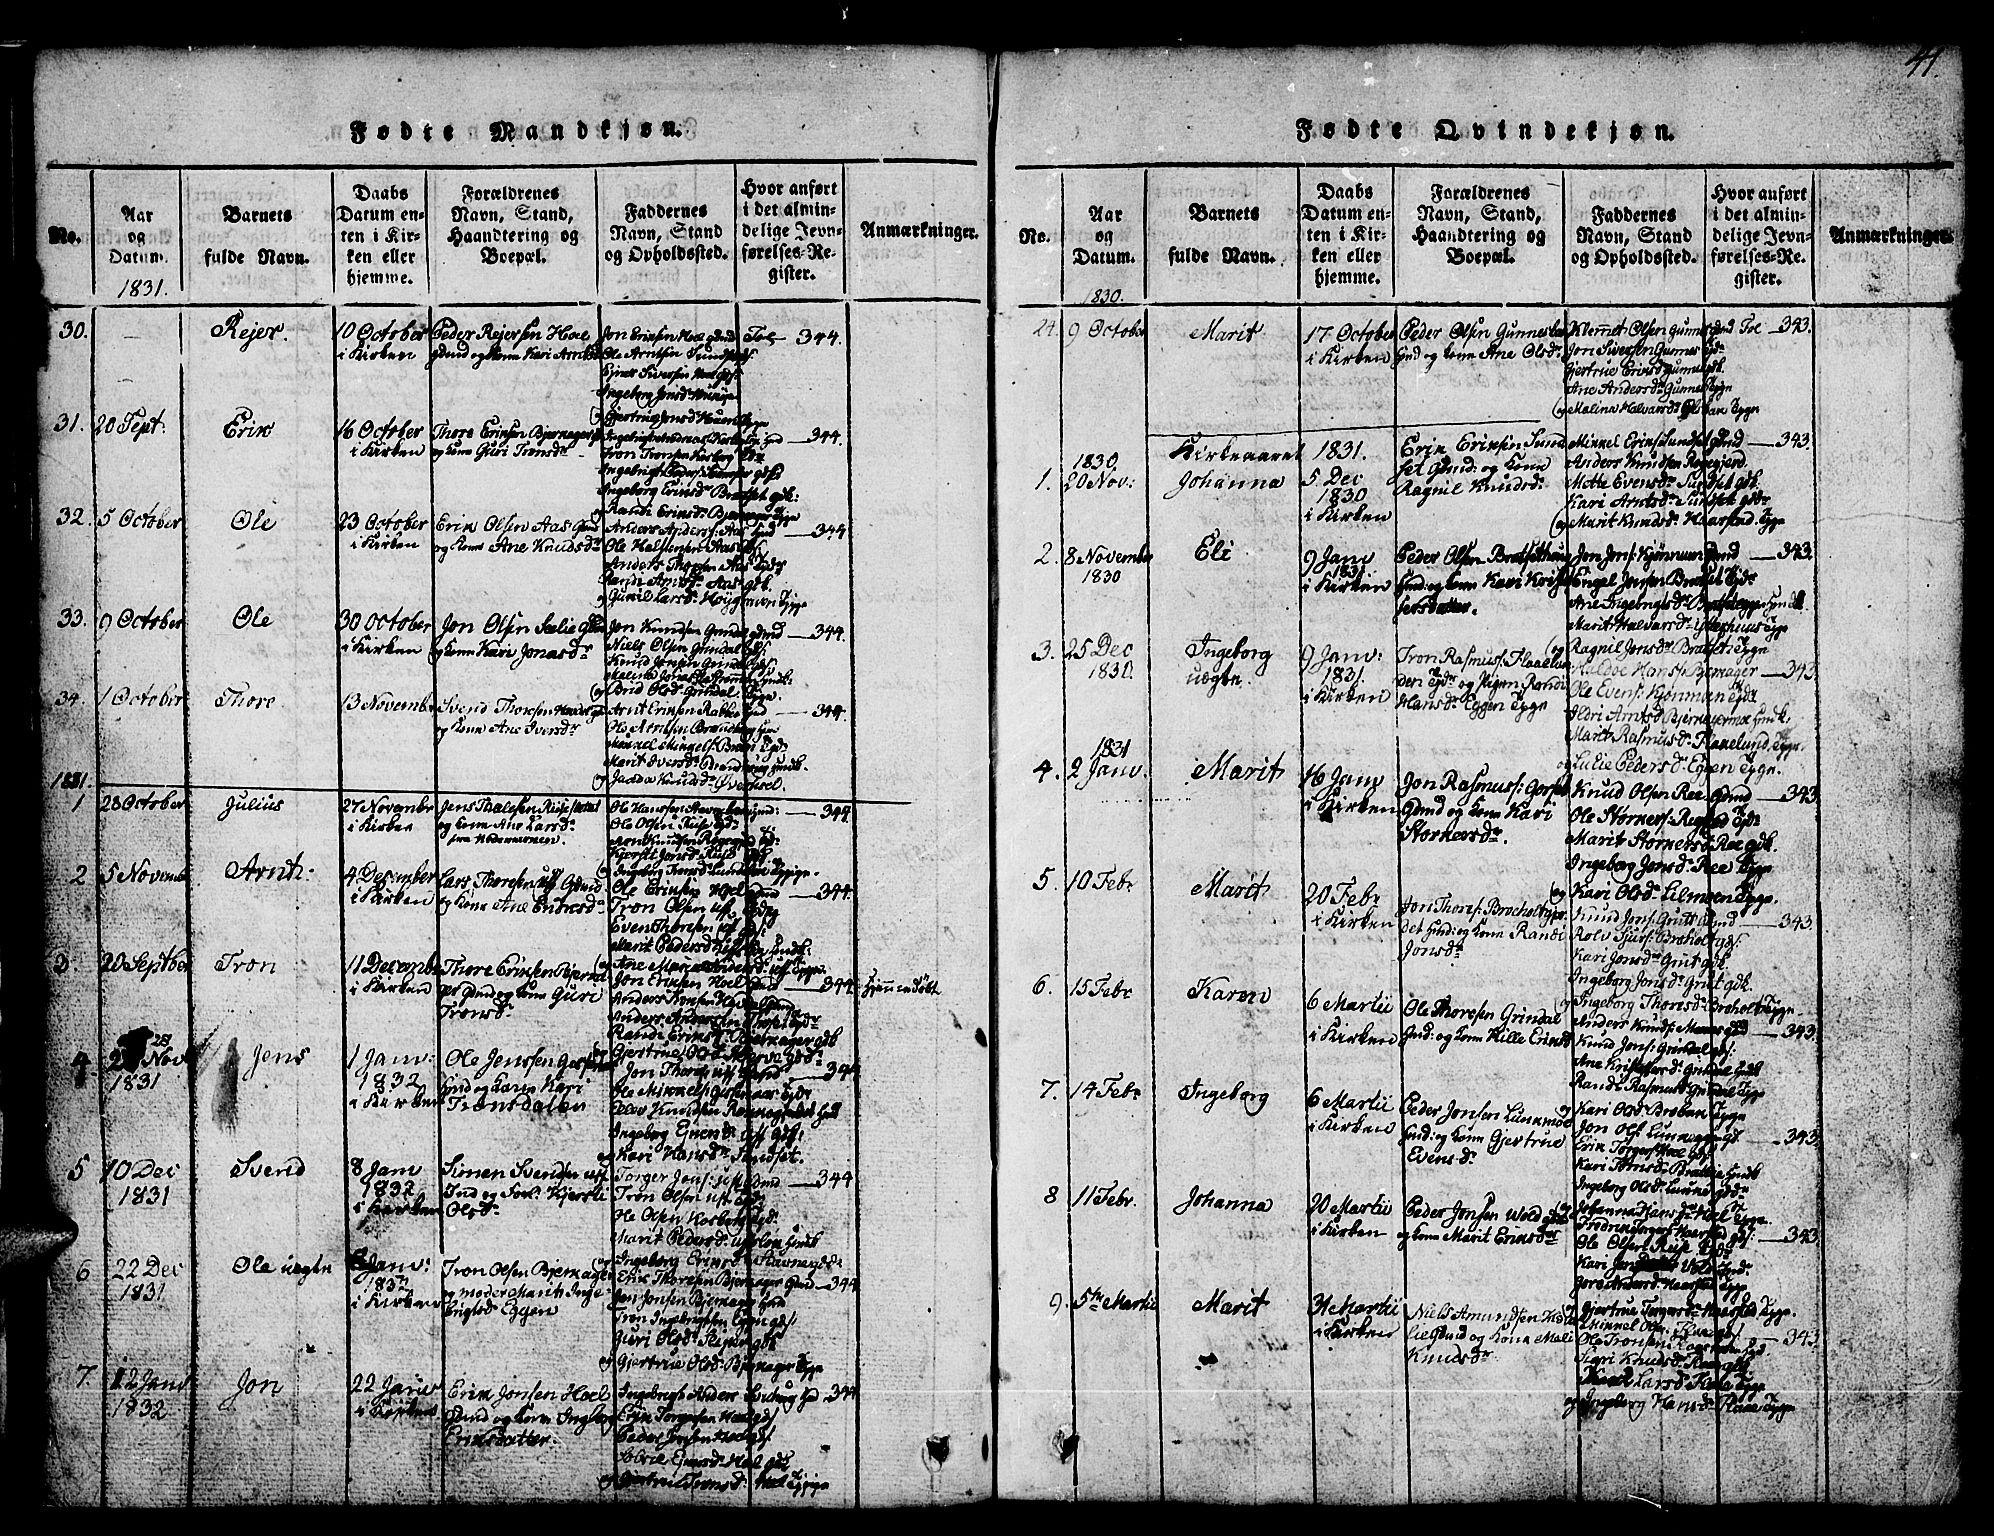 SAT, Ministerialprotokoller, klokkerbøker og fødselsregistre - Sør-Trøndelag, 674/L0874: Klokkerbok nr. 674C01, 1816-1860, s. 41